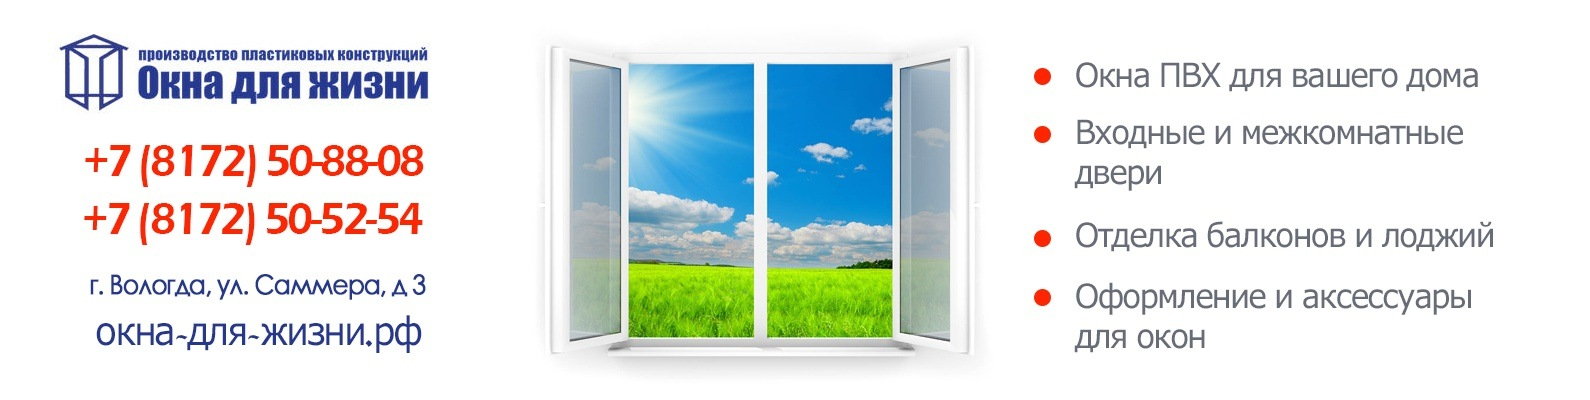 Дома с окнами второй свет